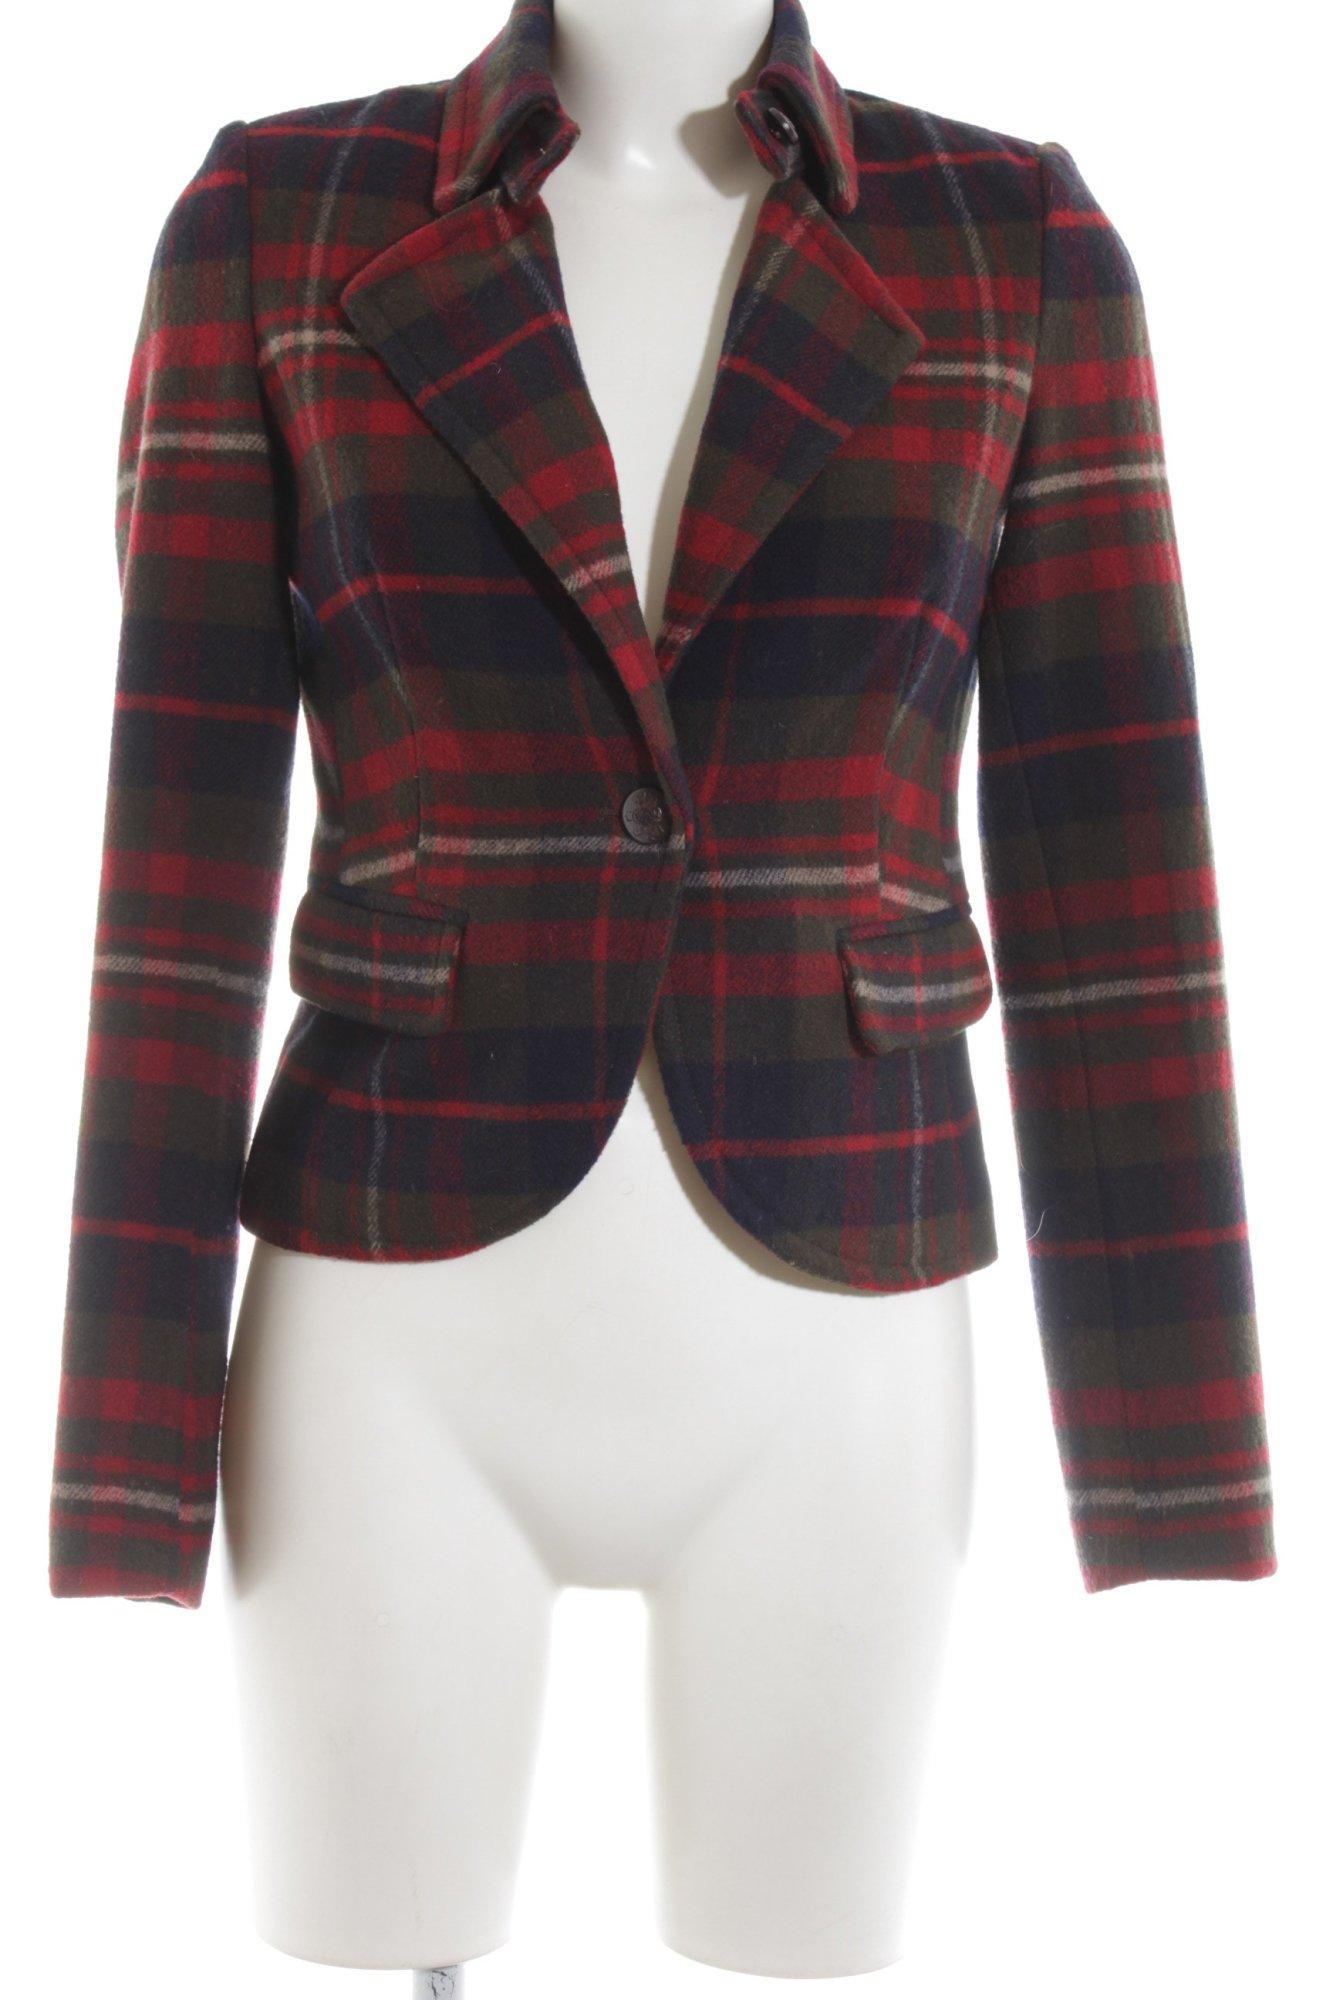 finest selection daa0f 9531c Dettagli su ESPRIT Blazer in lana blu-rosso motivo a quadri stile  professionale Donna